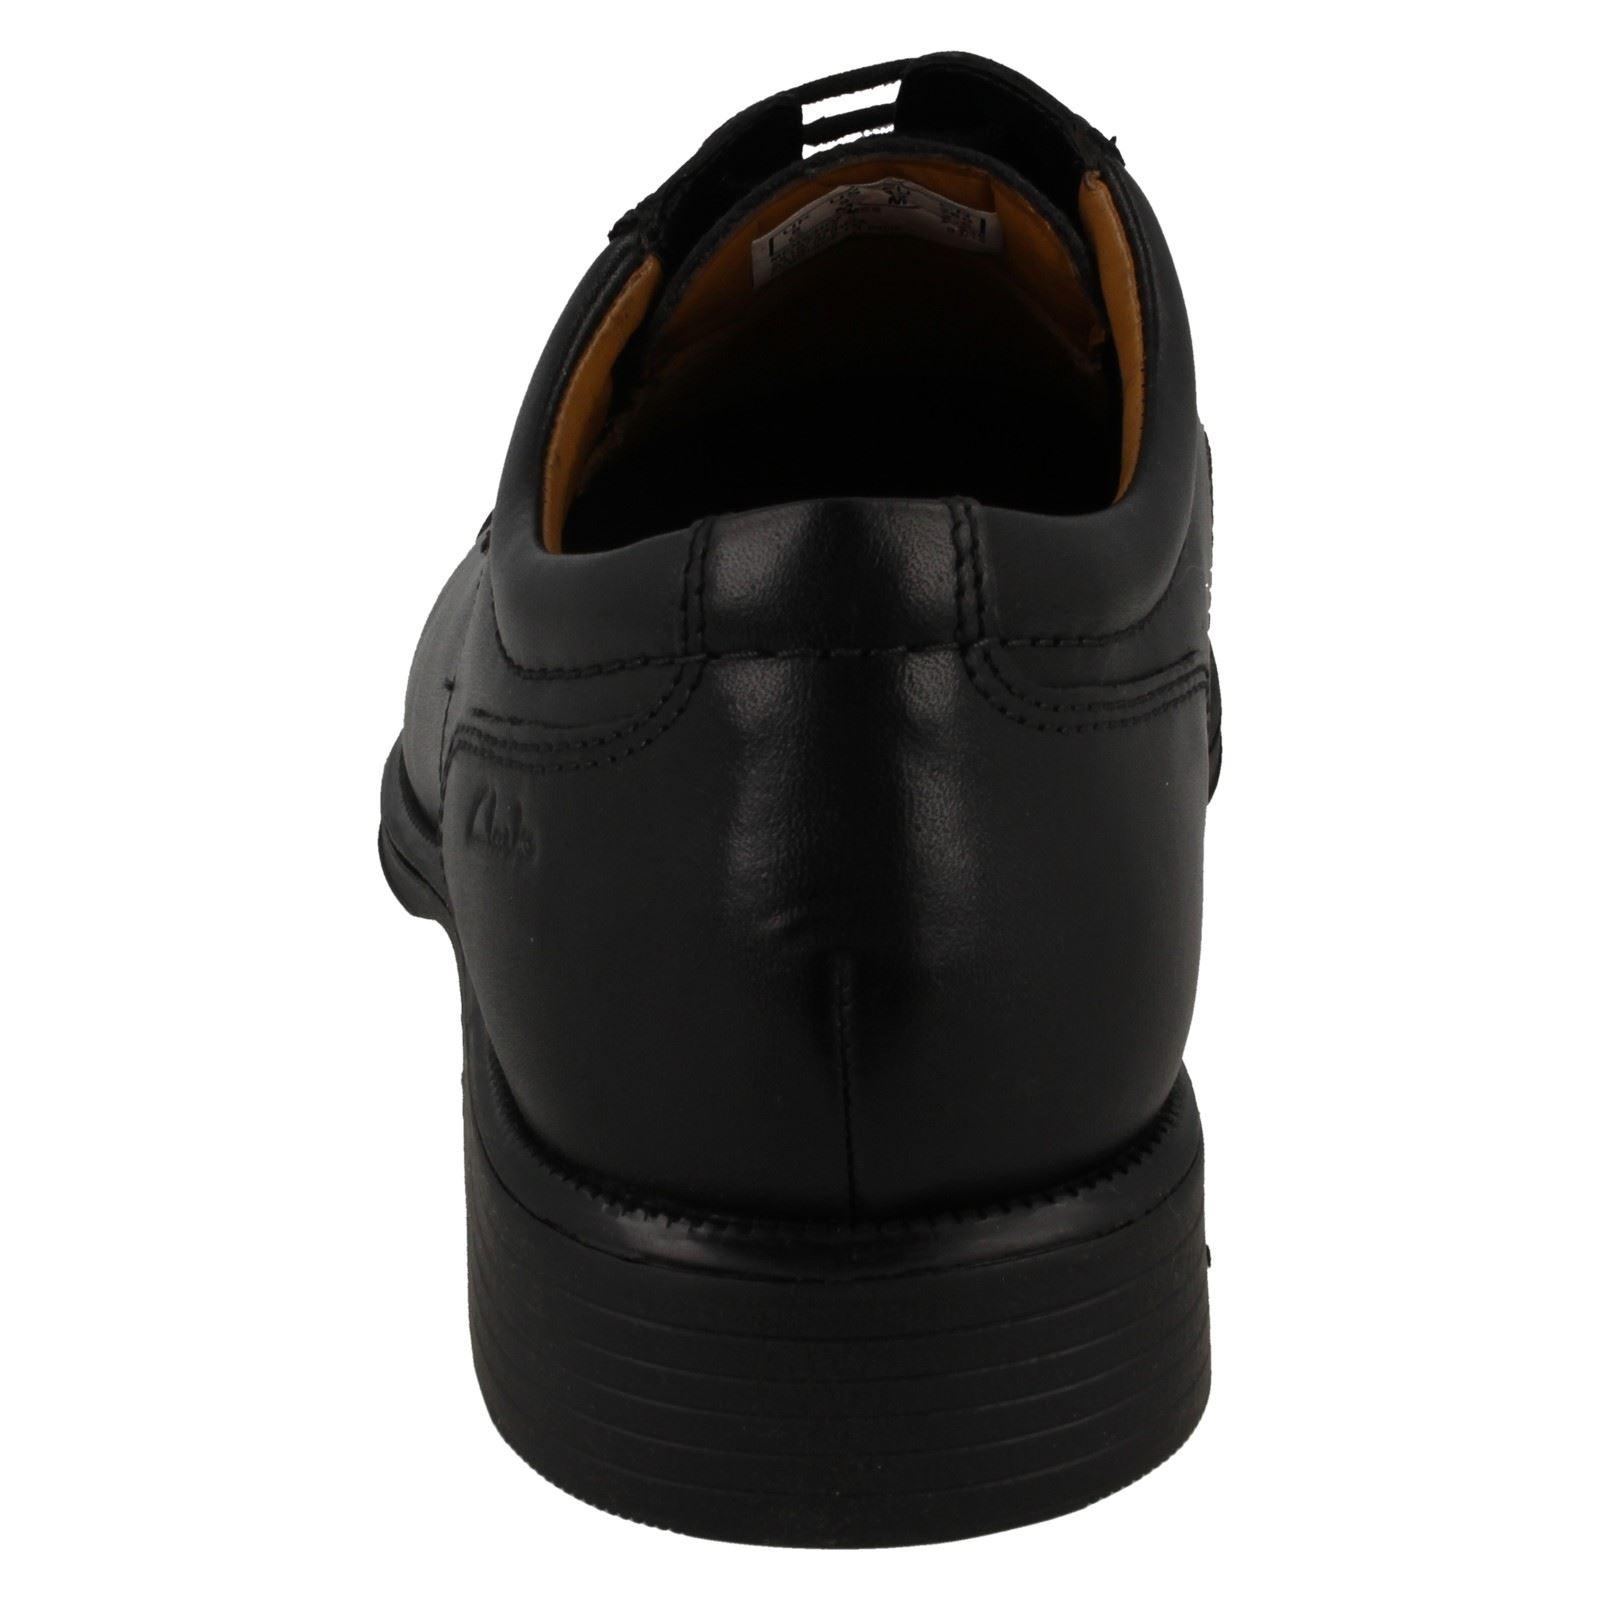 Hombre Estilo Clarks Zapatos Gorra Con Formal Cordones Huckley qwFq6rxYf